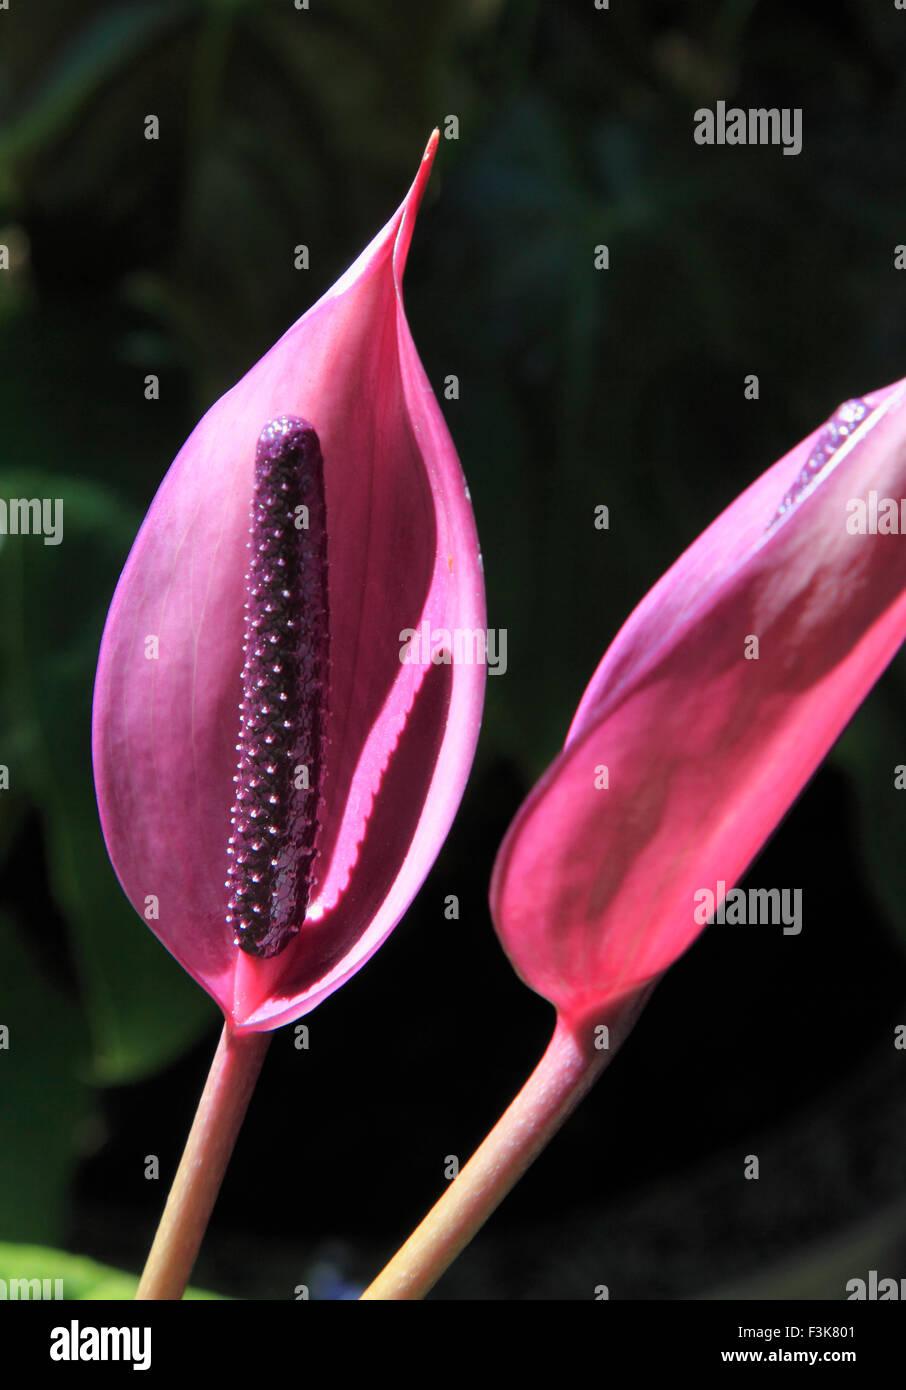 Vietnam, Dalat, Truc Lam, anthurium, flower, - Stock Image